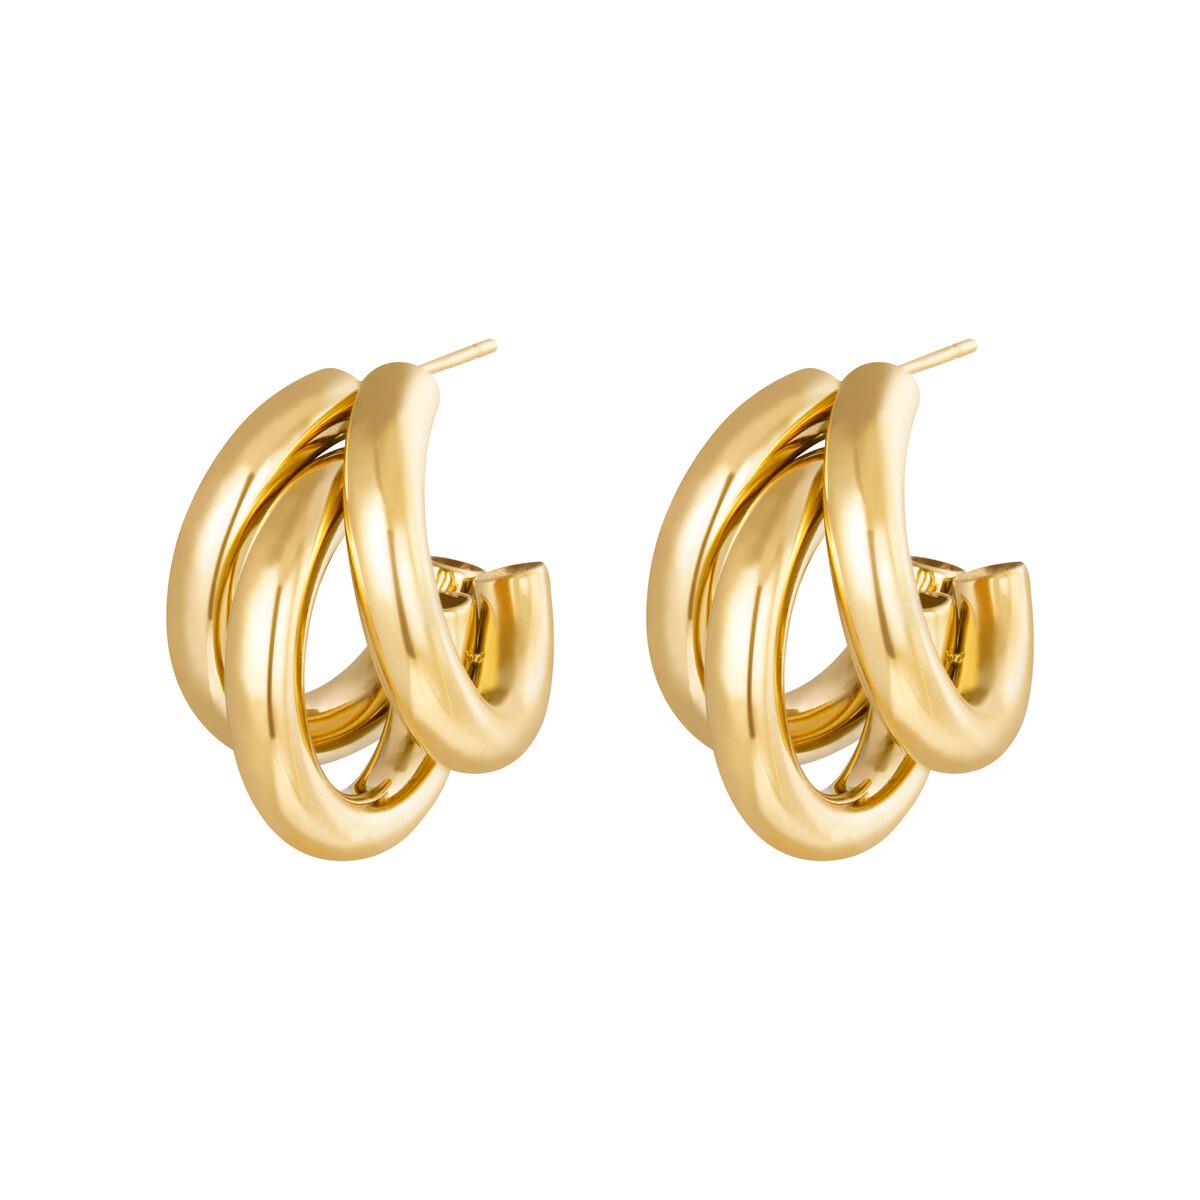 Triple oorringetjes goud stainless steel